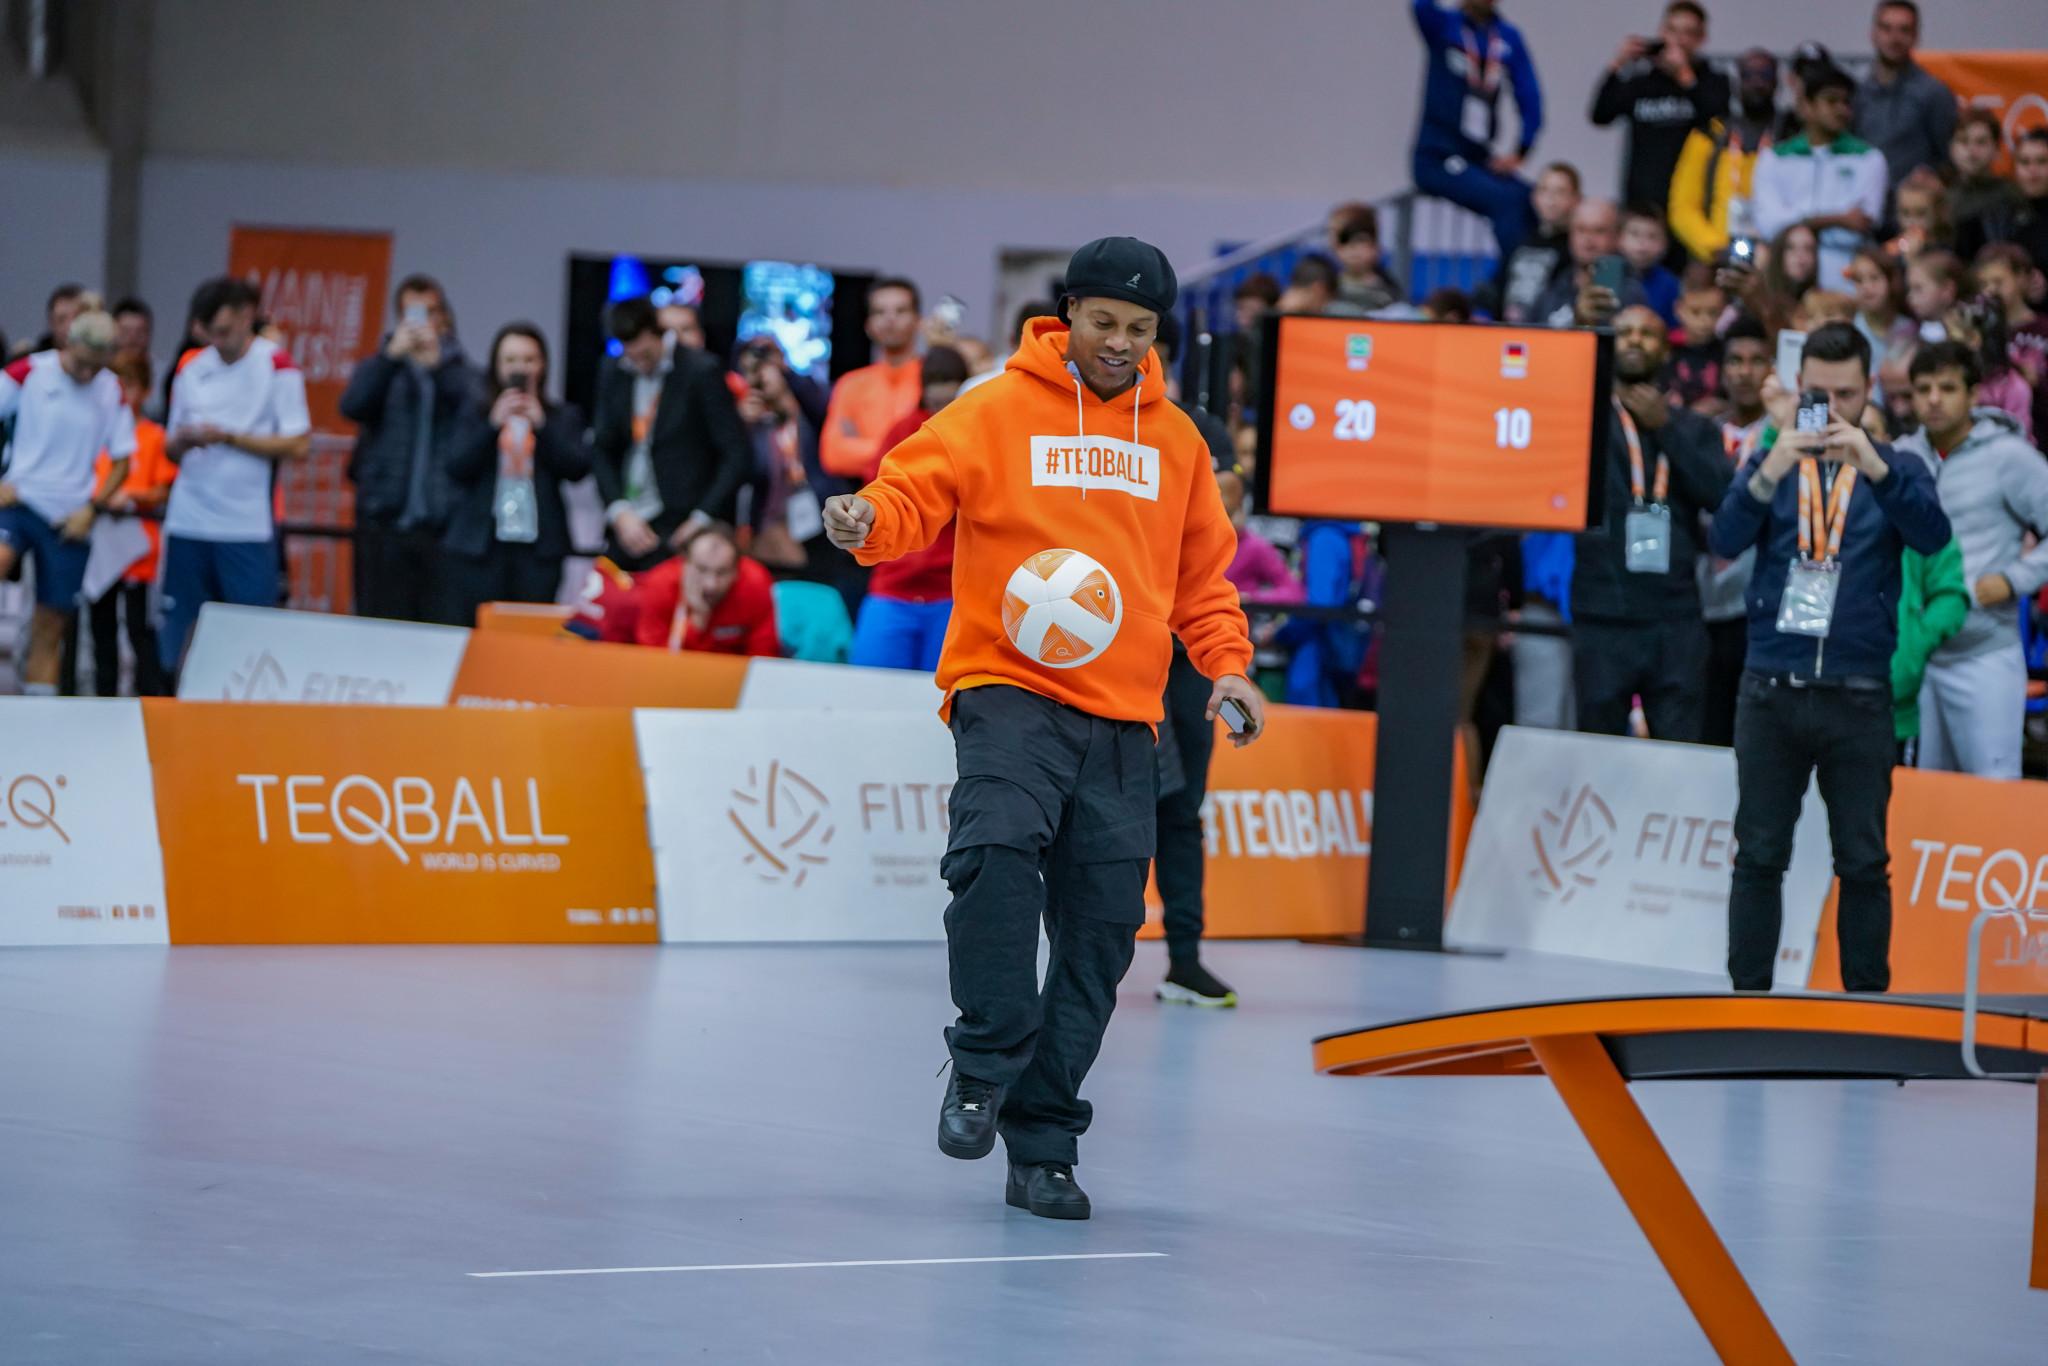 Ronaldinho shows off teqball skills at World Championships in Budapest